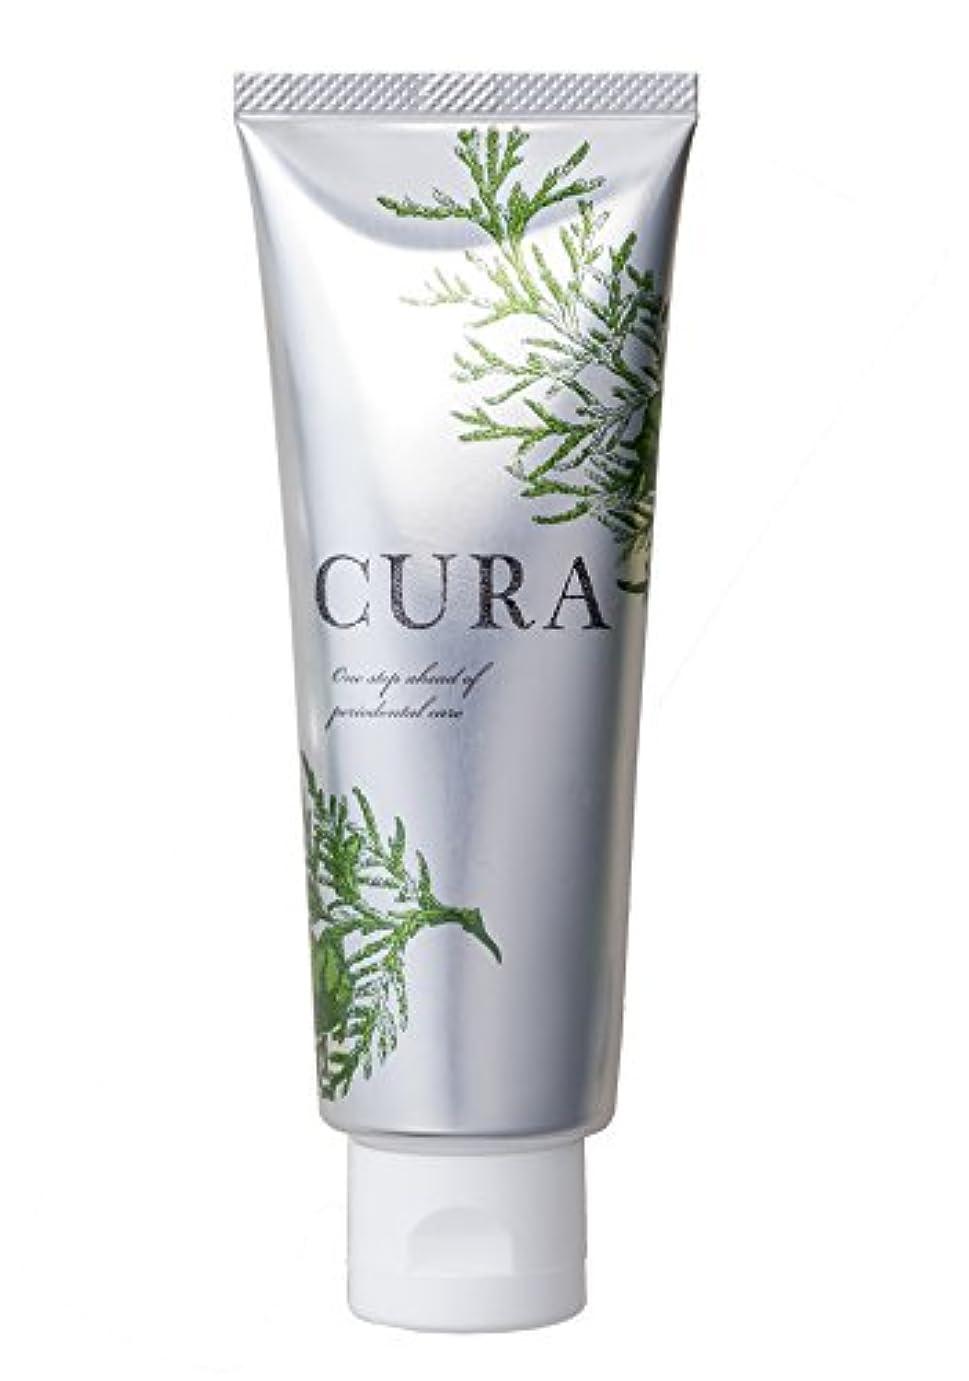 CURA(クーラ)歯磨きジェル 100g